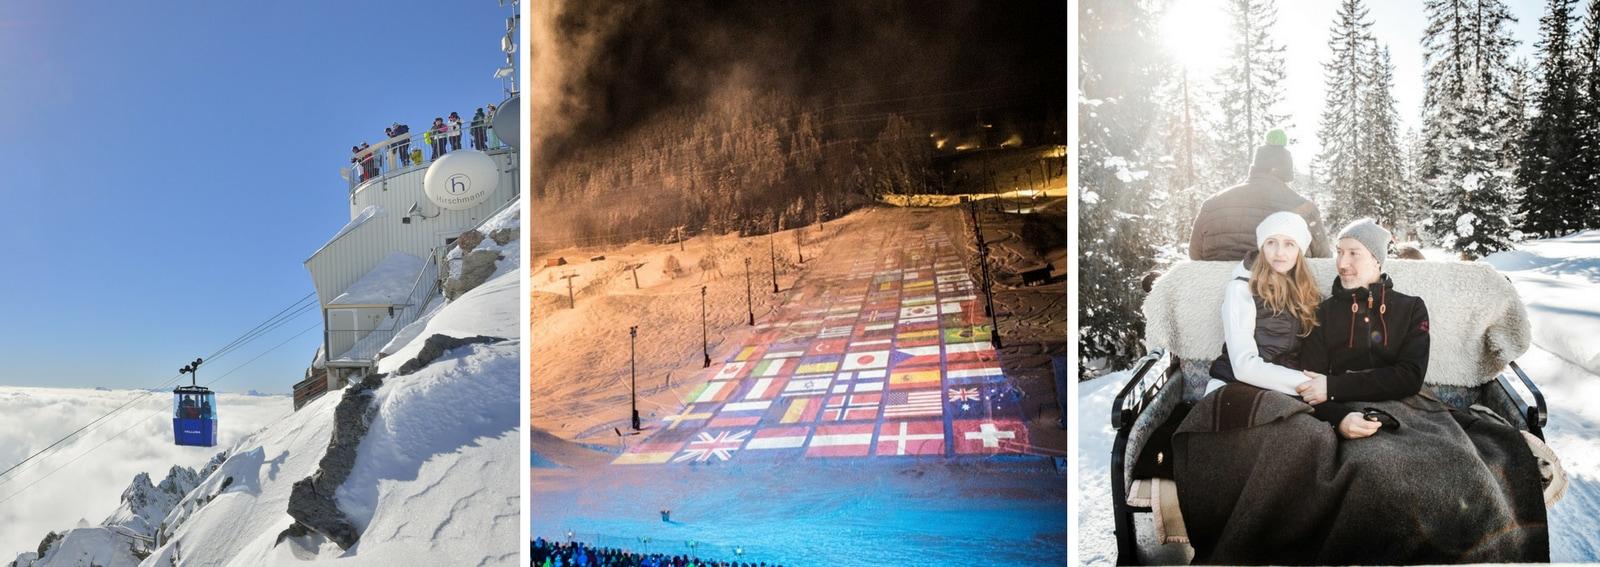 Arlberg Tirolo Austriaco patri sci alpino destinazione jet set internazionale e vip storia dello sci vacanze neve DESK